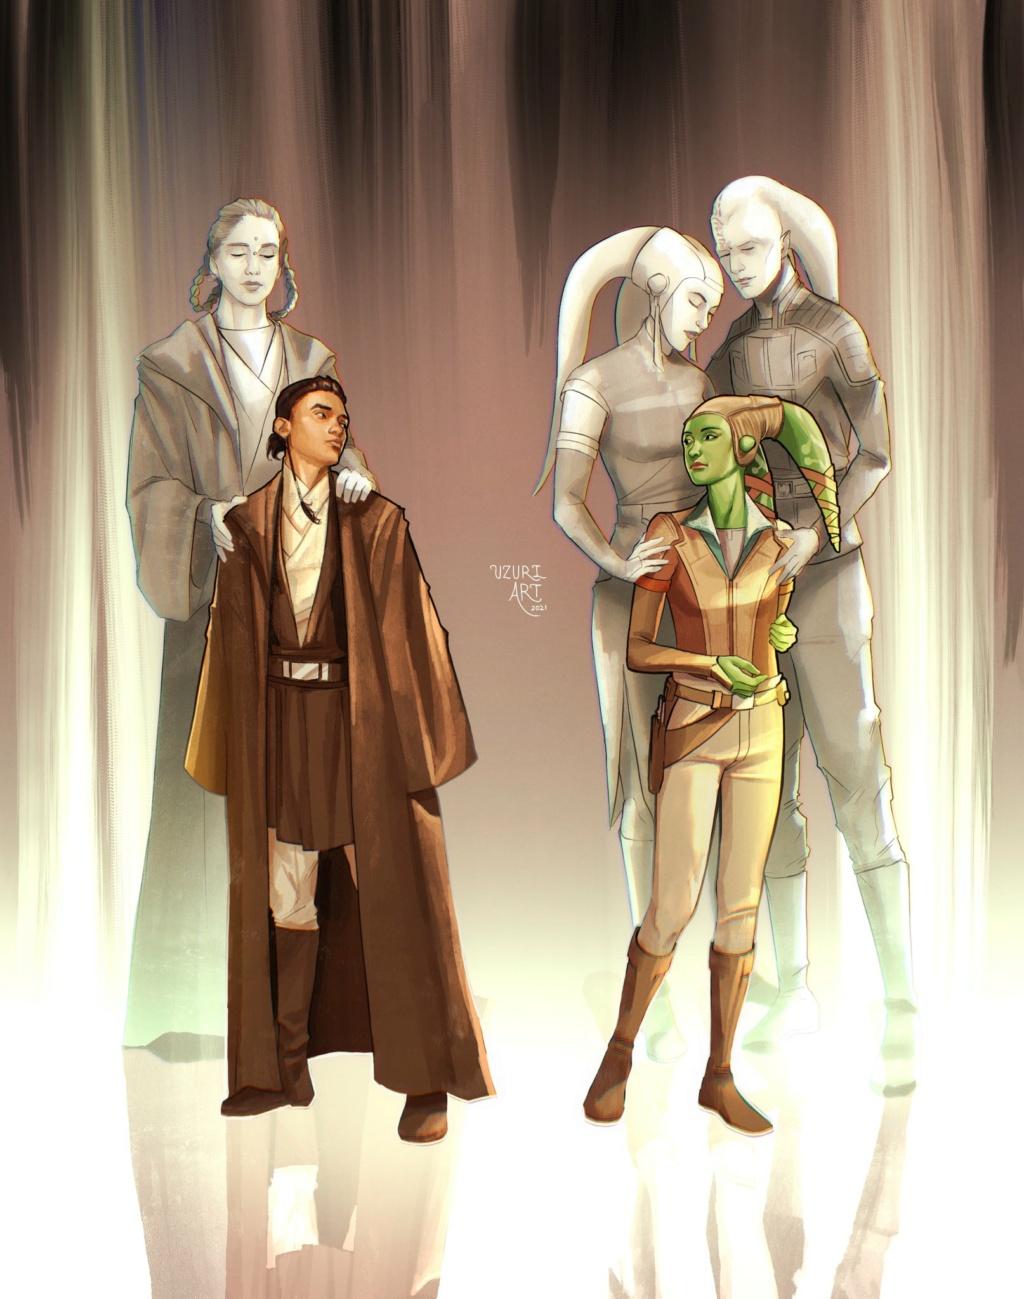 Digital Art par UZURI ART - Star Wars - Page 3 Uzuri_71